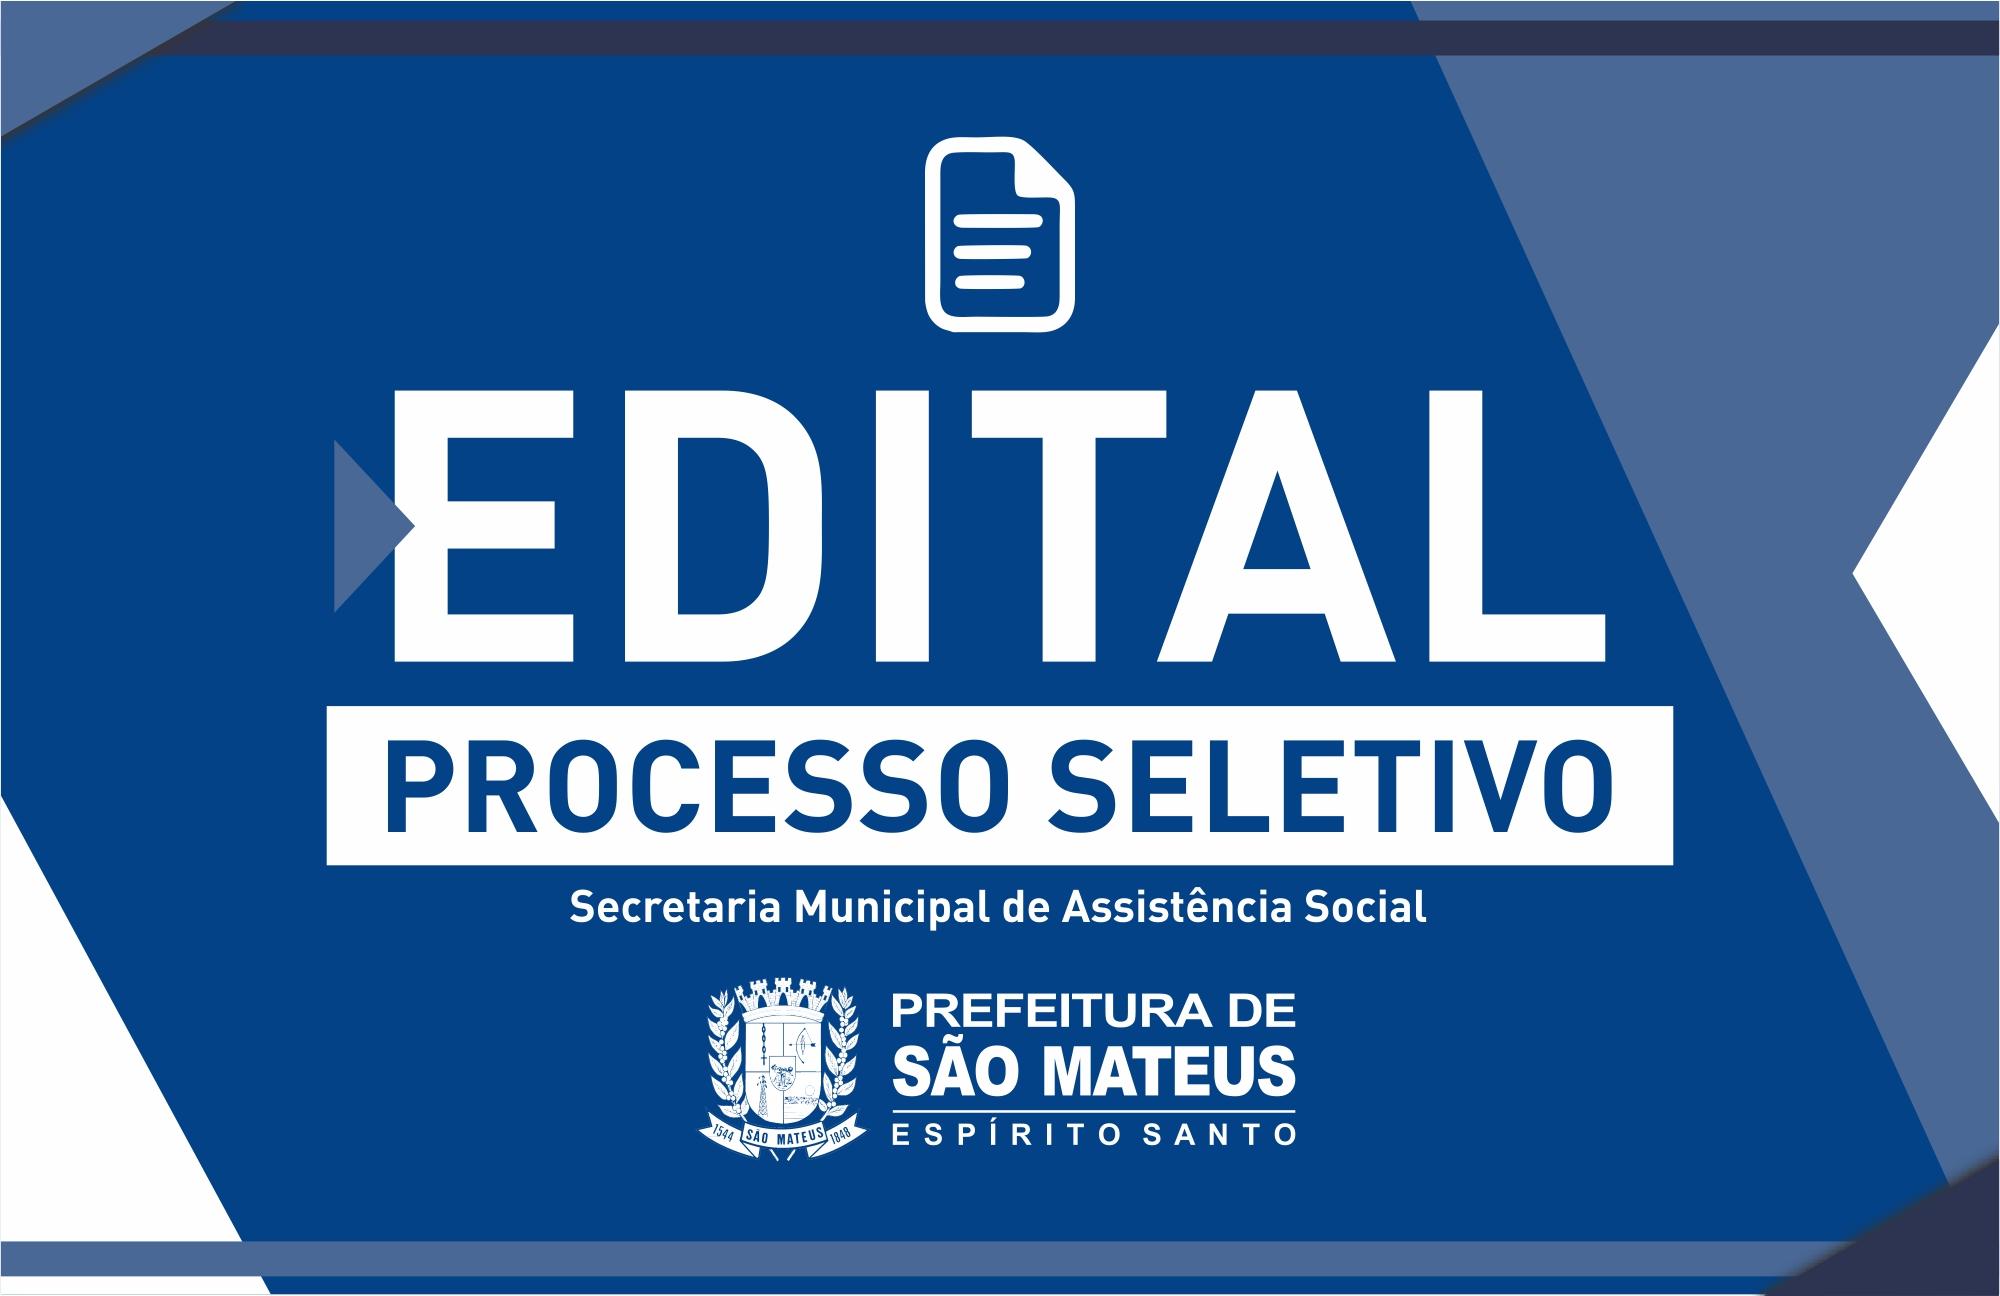 PREFEITURA DE SÃO MATEUS DIVULGA EDITAL DO PROCESSO SELETIVO N° 001/2019 DO SUAS